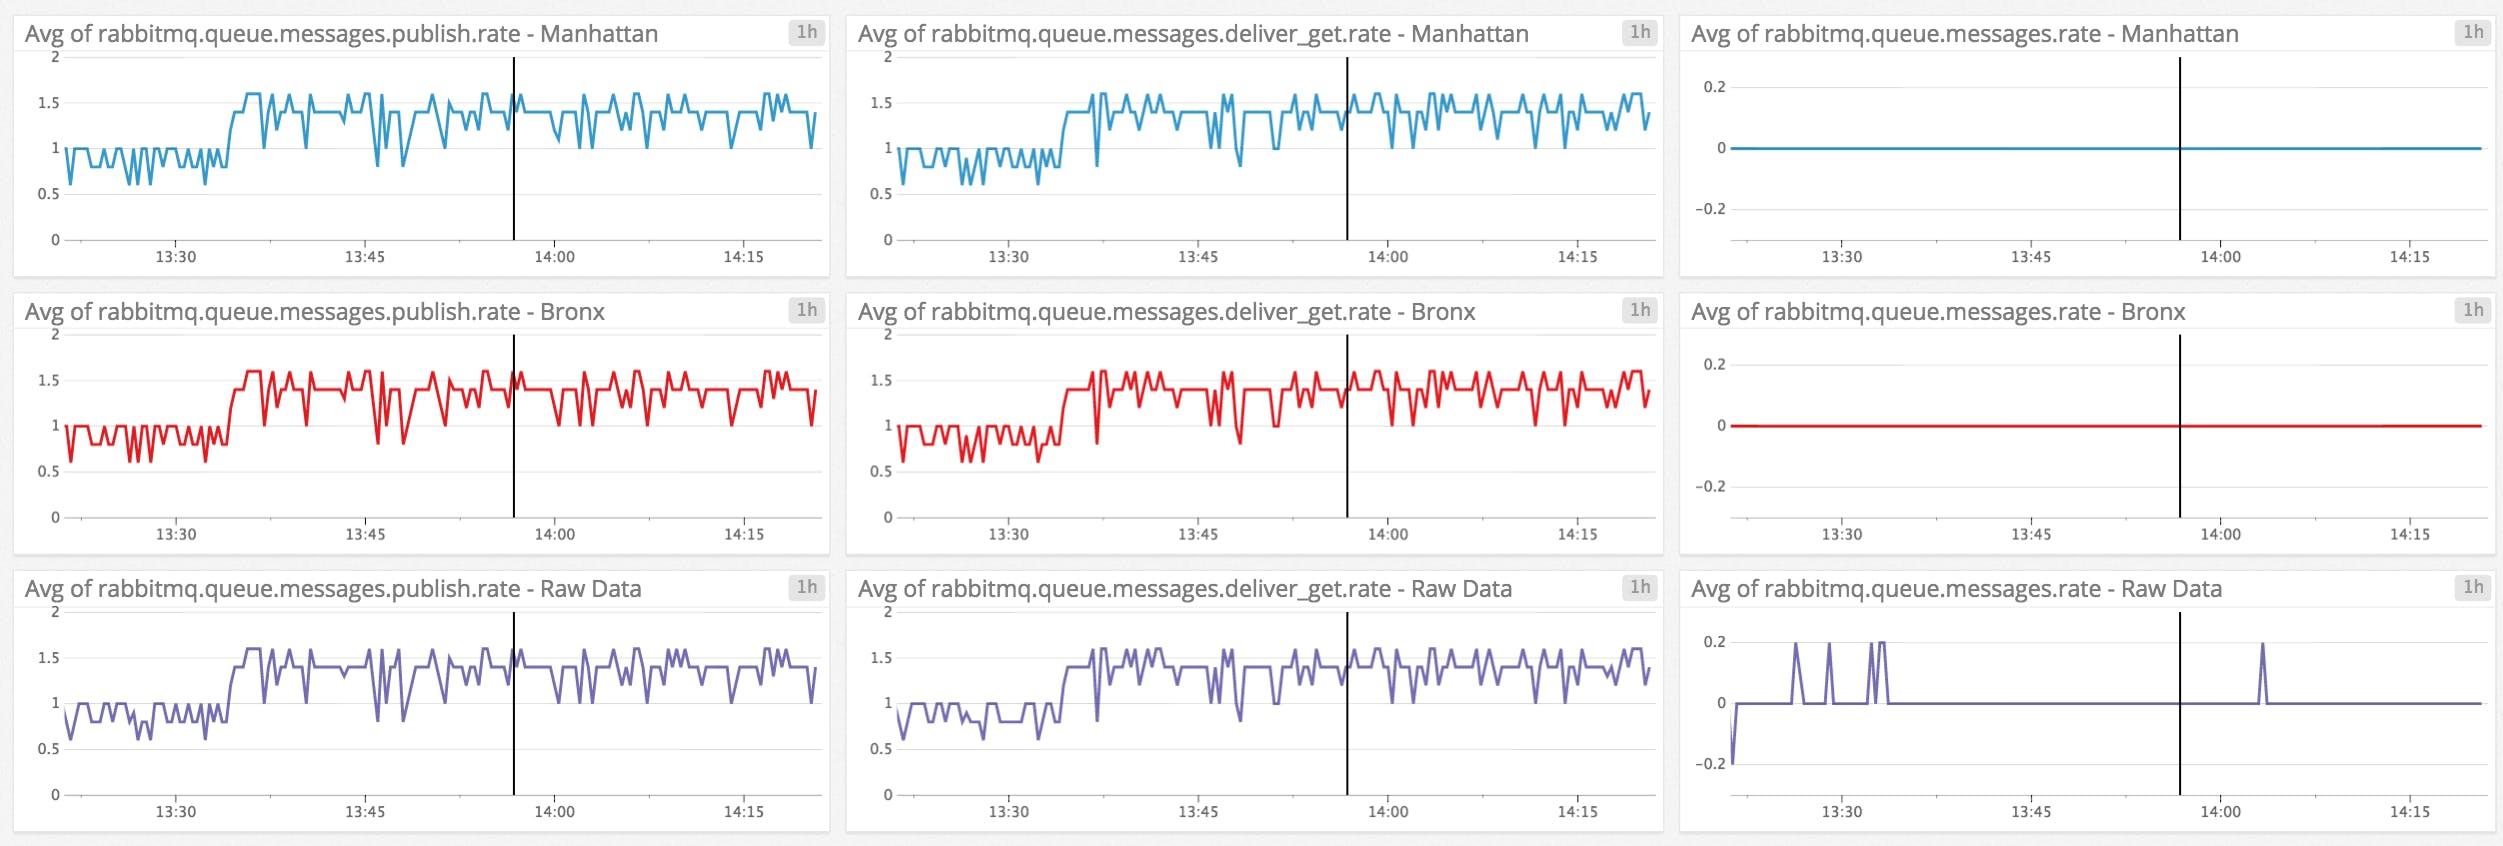 Key metrics for RabbitMQ monitoring | Datadog